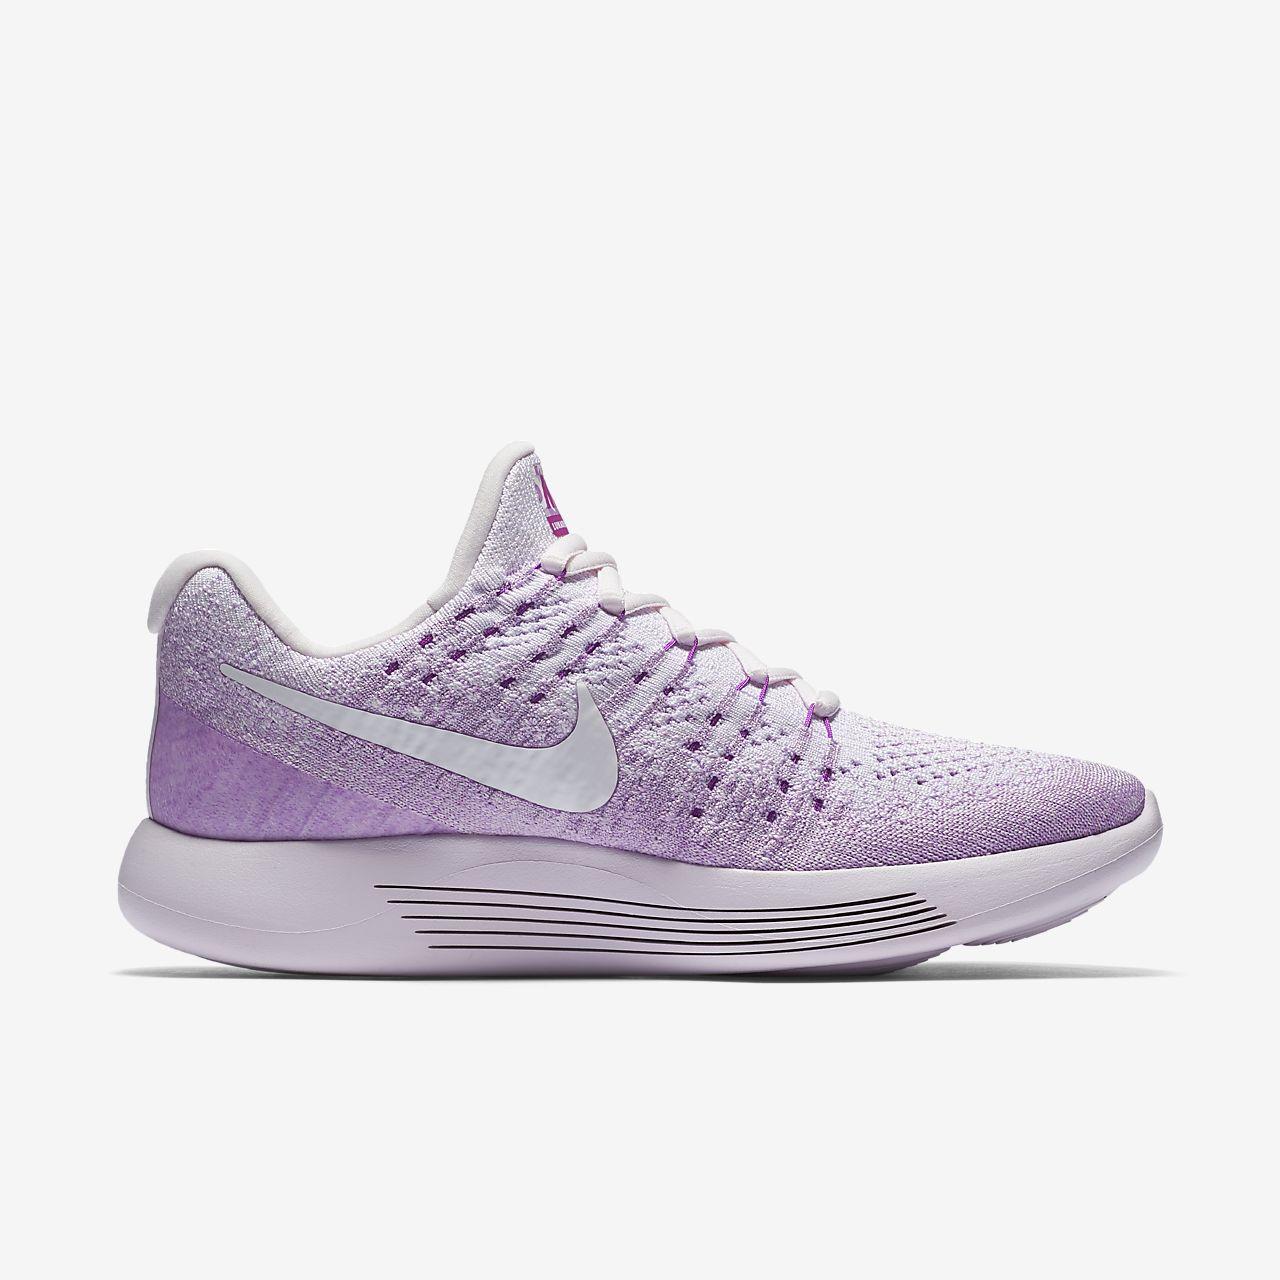 Nike W Nike Lunarepic Low Flyknit Violeta MyZzlL4BY